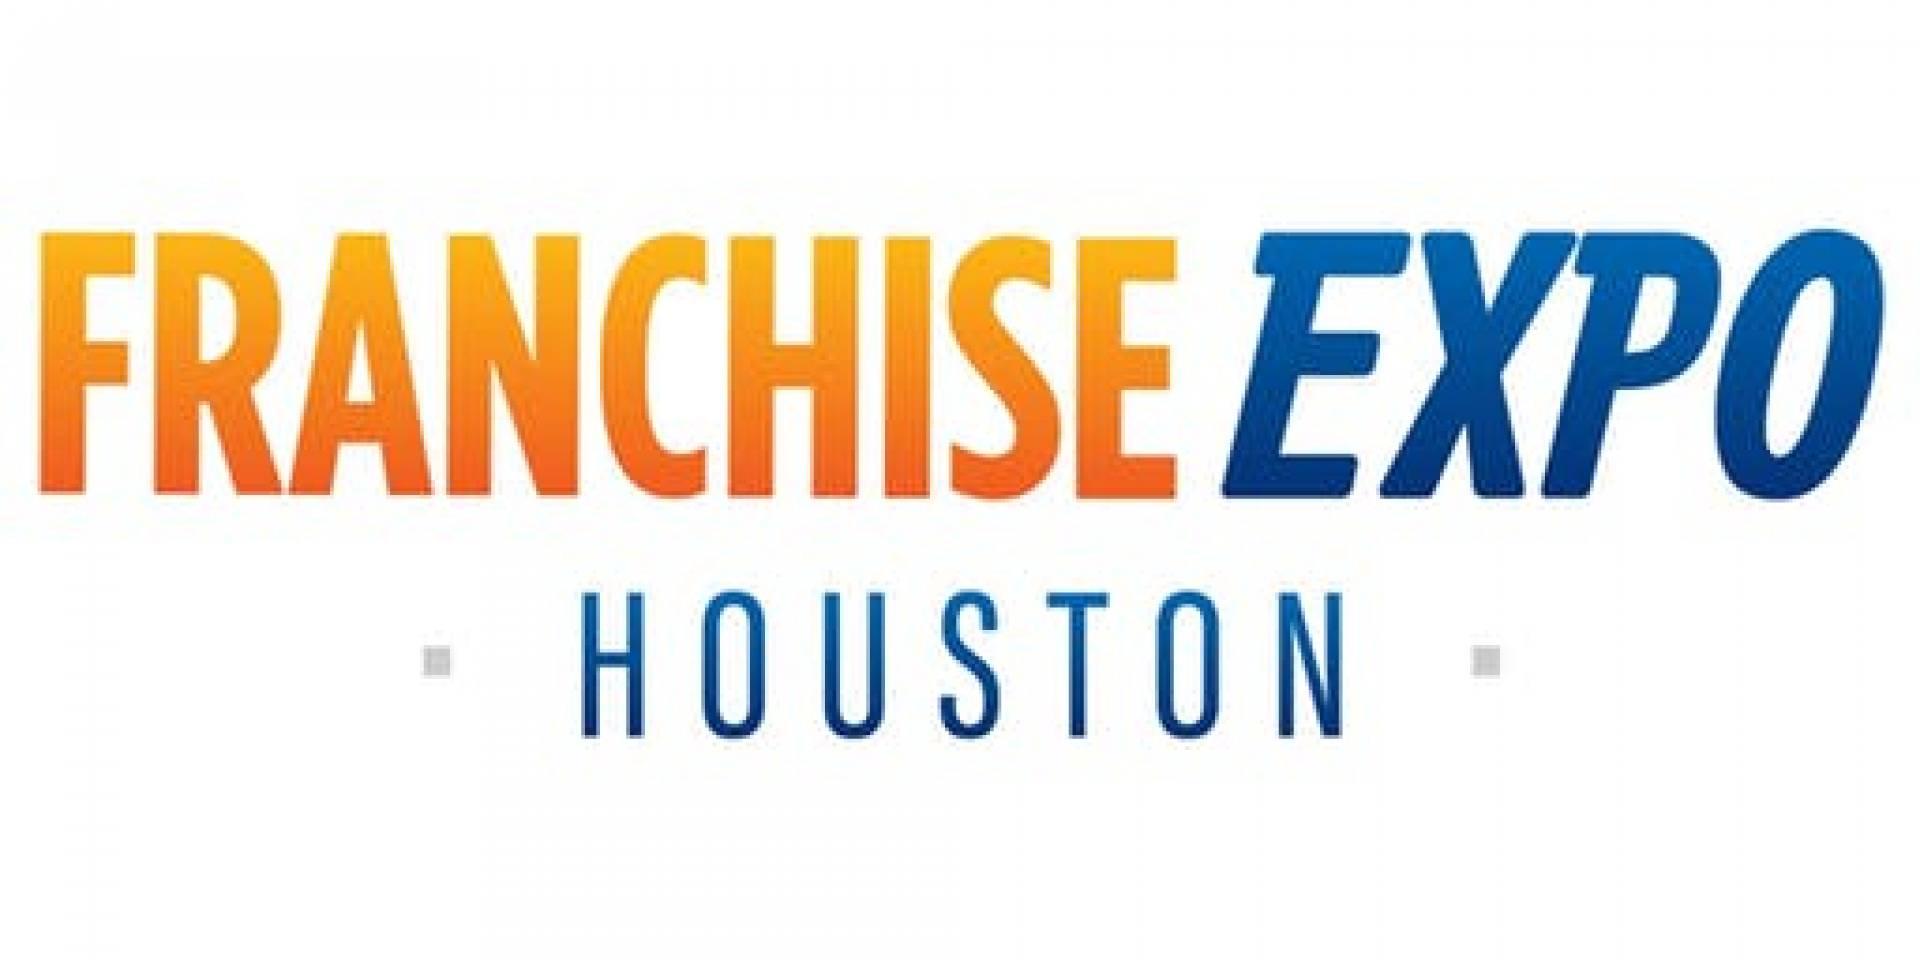 Franchise Expo Houston